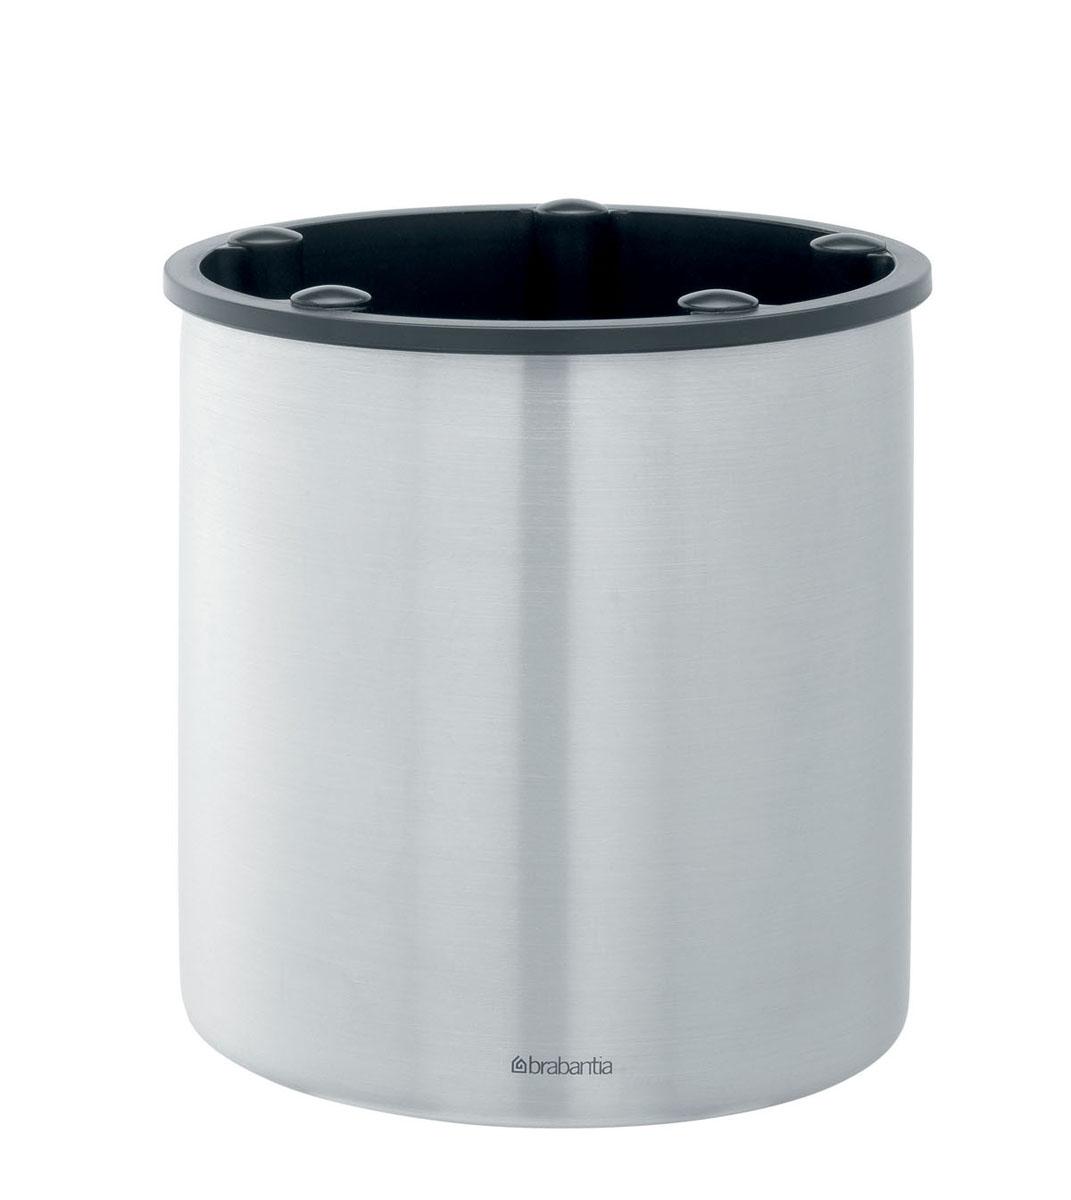 Подставка для кухонных принадлежностей Brabantia, высота 15 смFD-59Подставка для кухонных принадлежностей Brabantia изготовлена из высококачественной нержавеющей стали с матовой полировкой. Внутренняя поверхность пластиковая. Подставка оснащена 5 выемками для отделения приборов друг от друга. В такой подставке можно хранить все столовые приборы, а также кухонные принадлежности, такие как лопатки и половники.Подставка имеет стильный классический дизайн и одинаково хорошо впишется и в современный, и в классический интерьер. Можно мыть в посудомоечной машине. Диаметр подставки (по верхнему краю): 15 см. Высота подставки: 15 см.